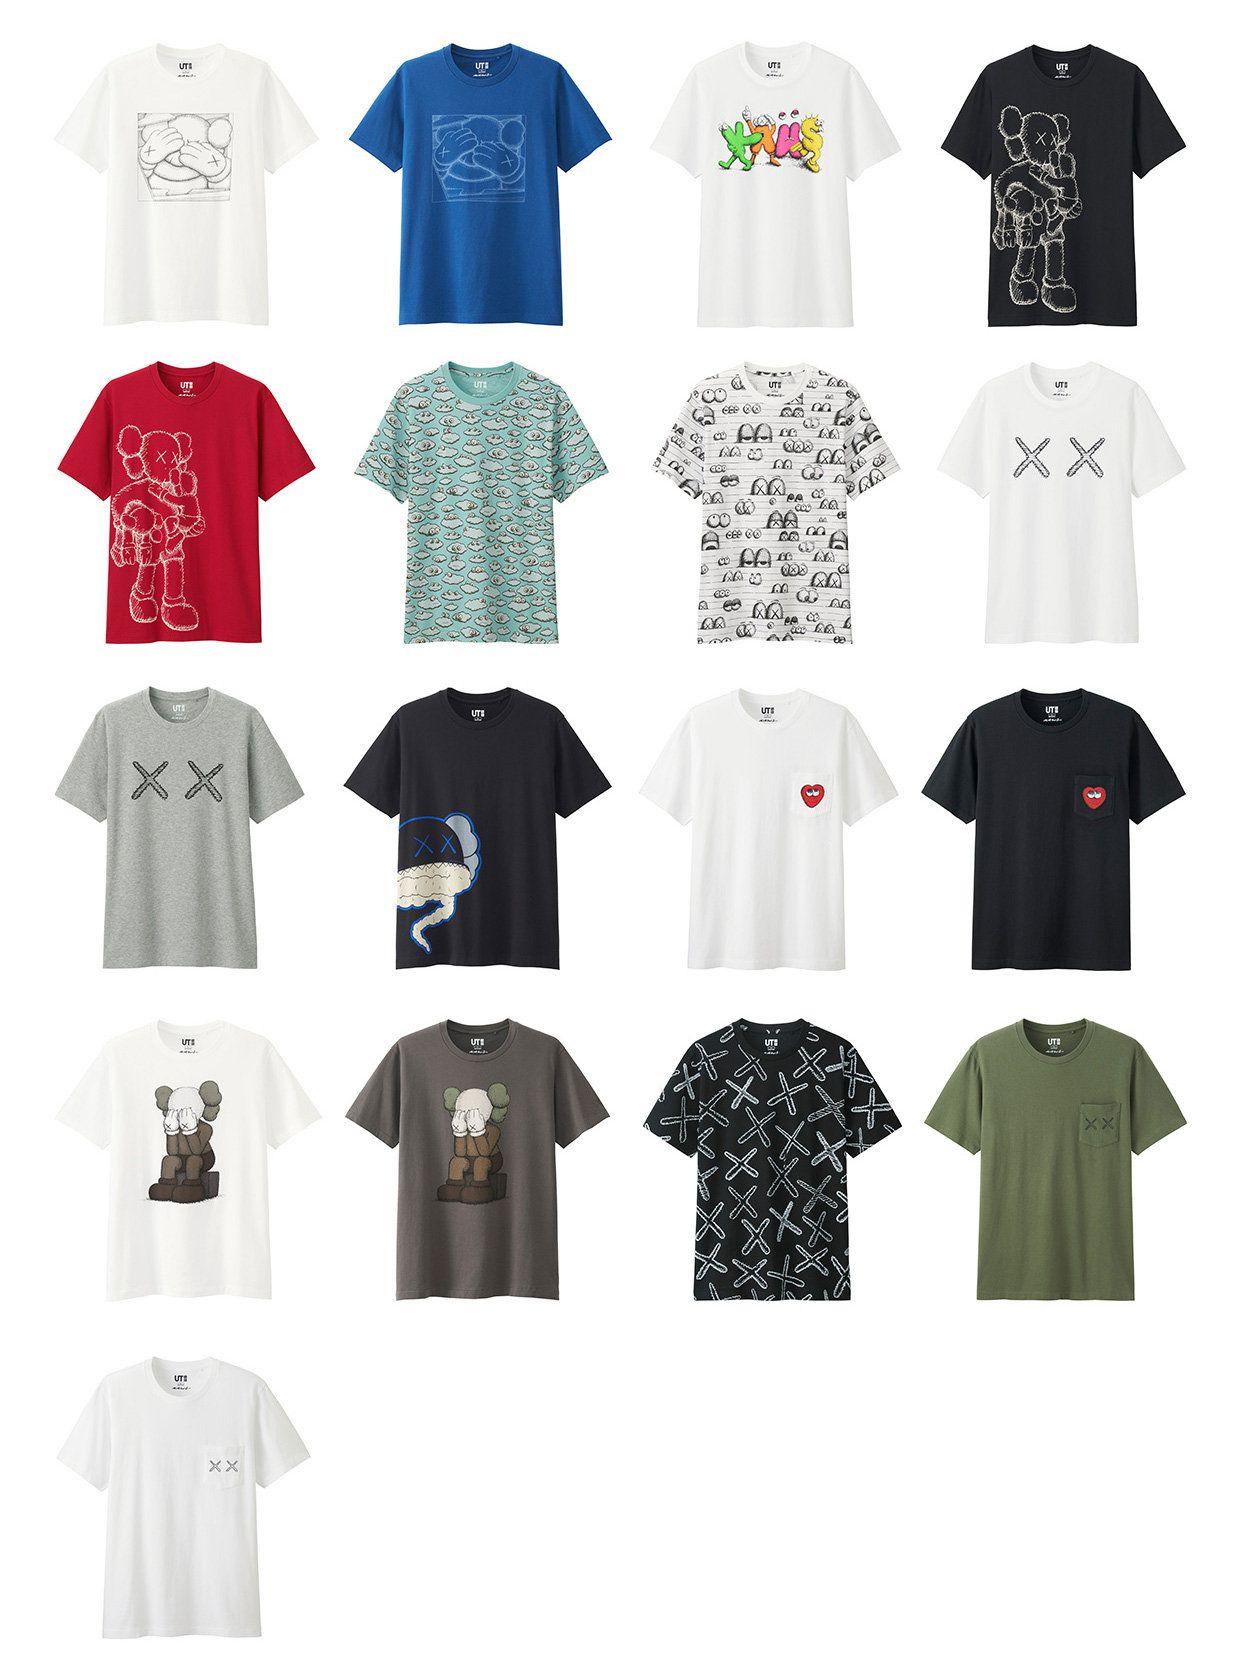 75c6635f Uniqlo x KAWS Collection   Style   Uniqlo, Clothes, Shirts